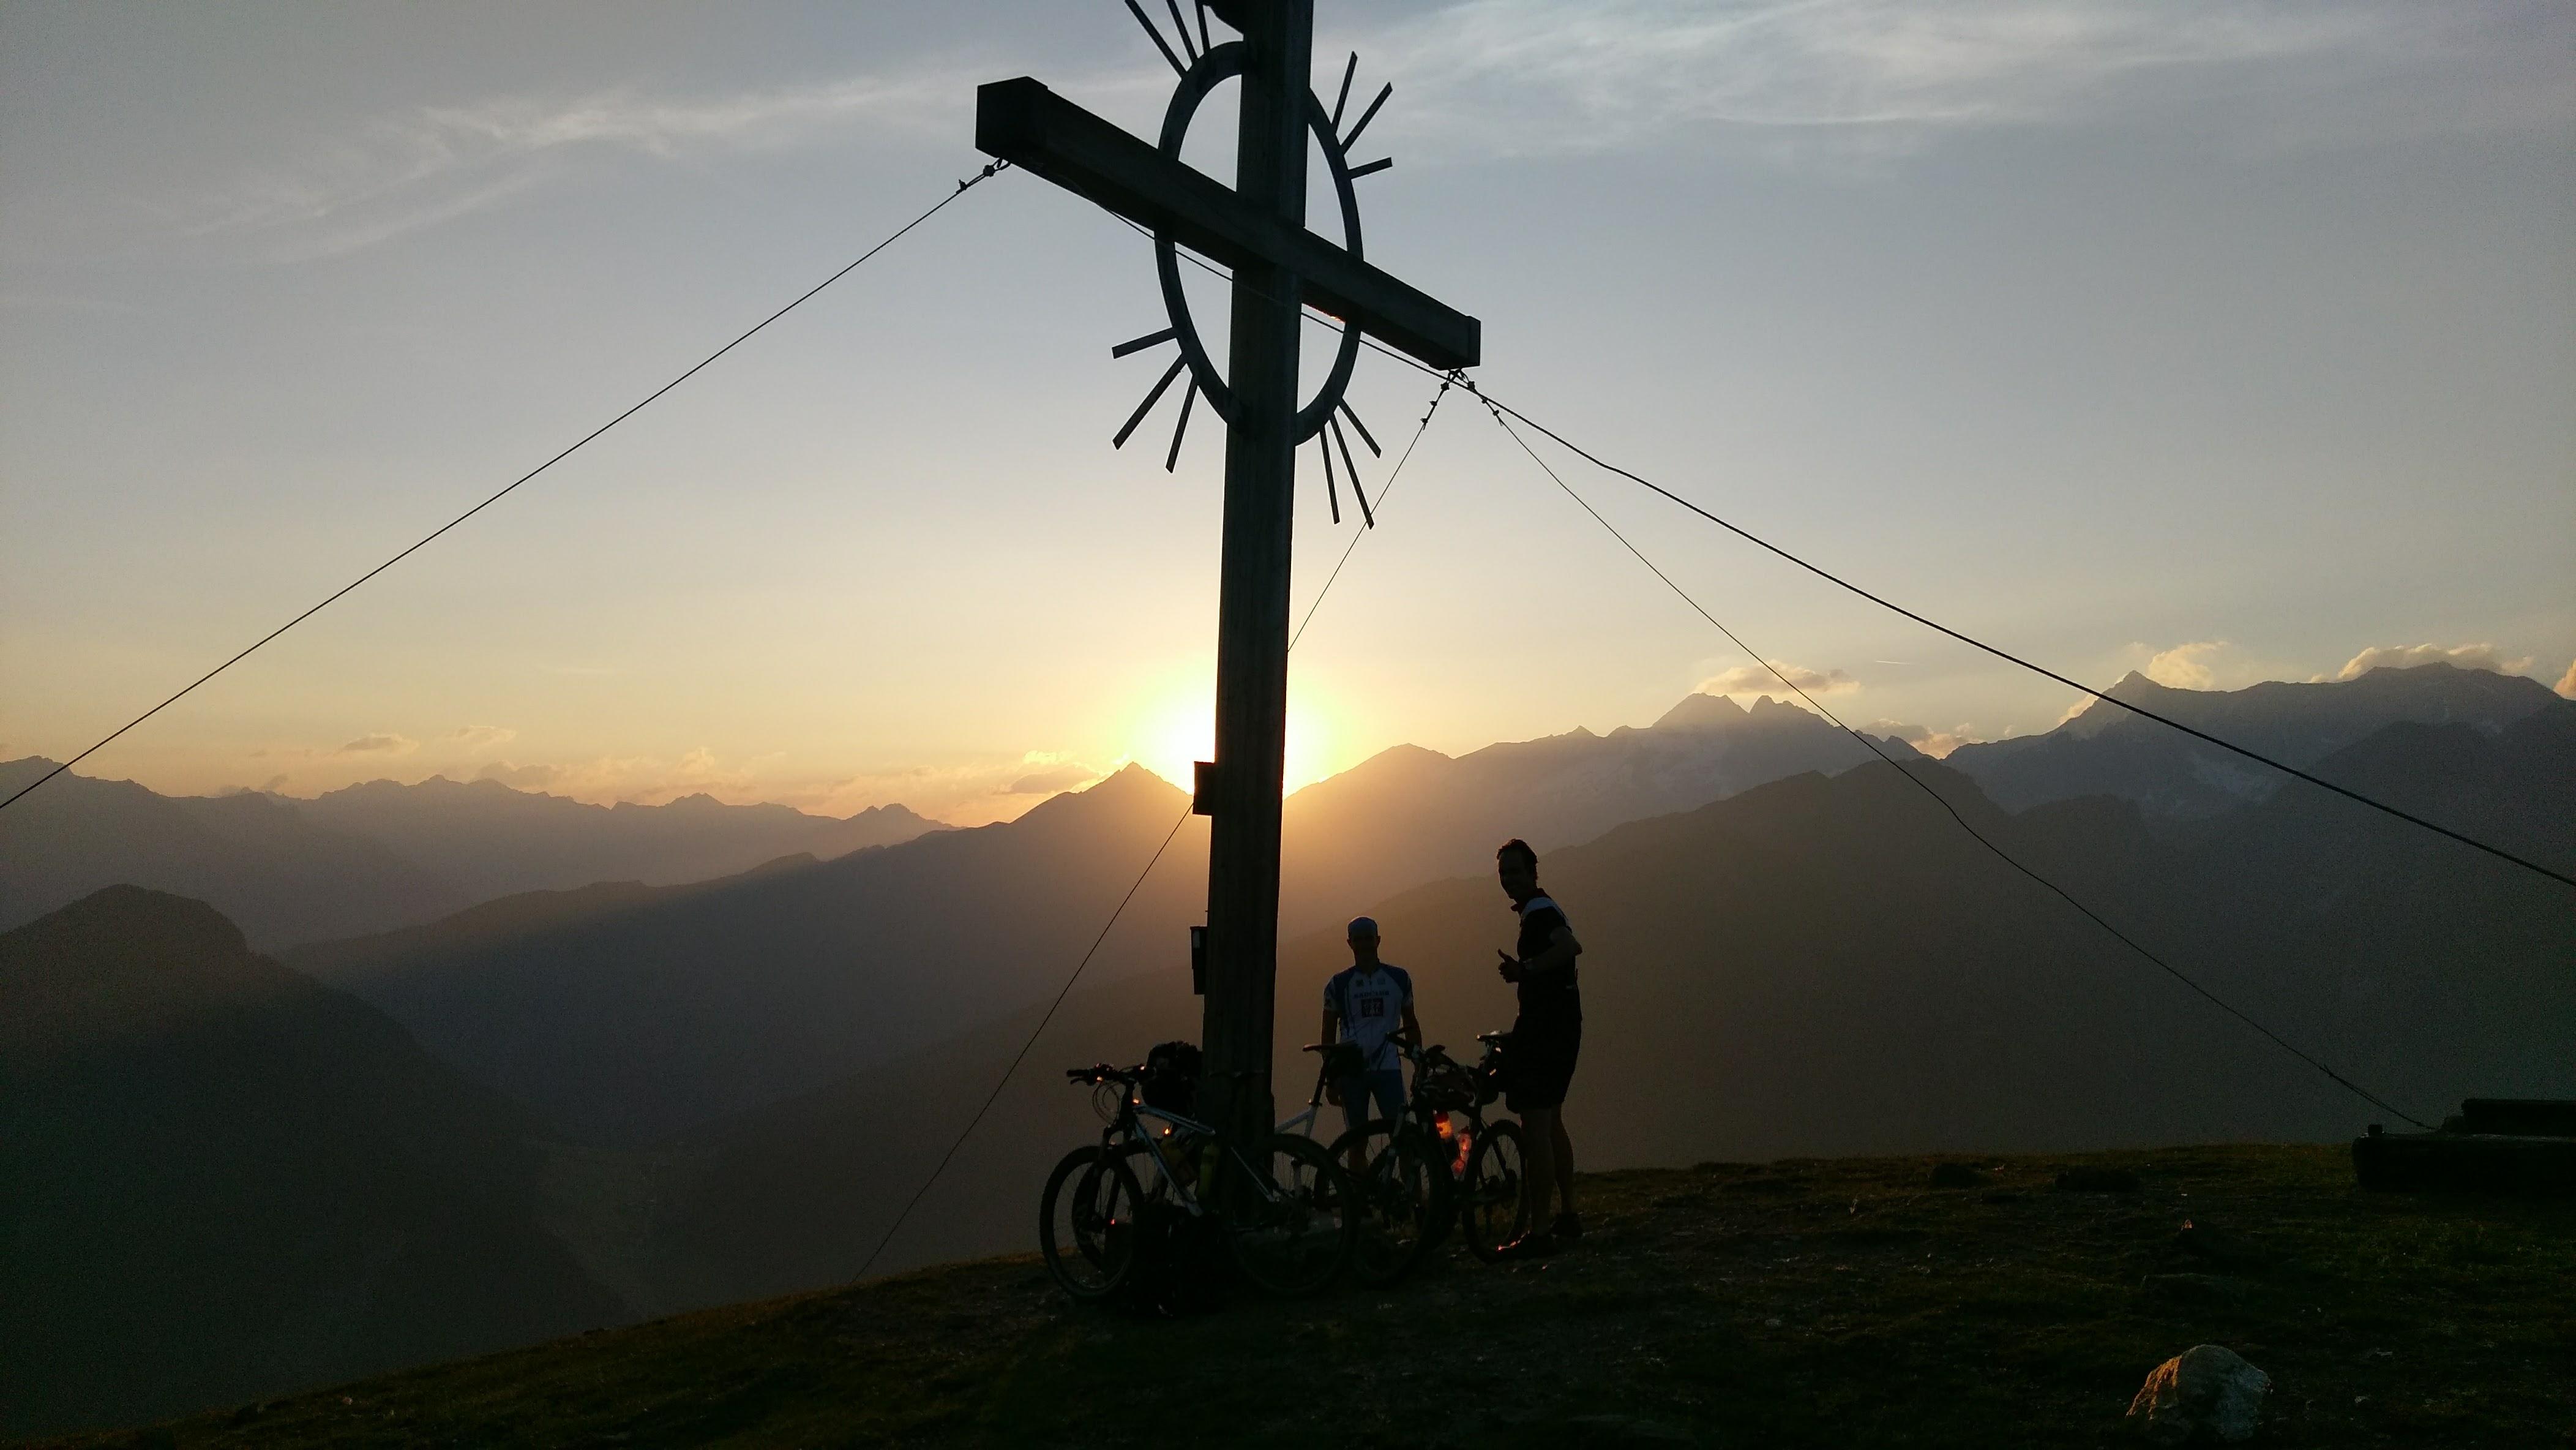 Sonnenaufgang am Sattelberg